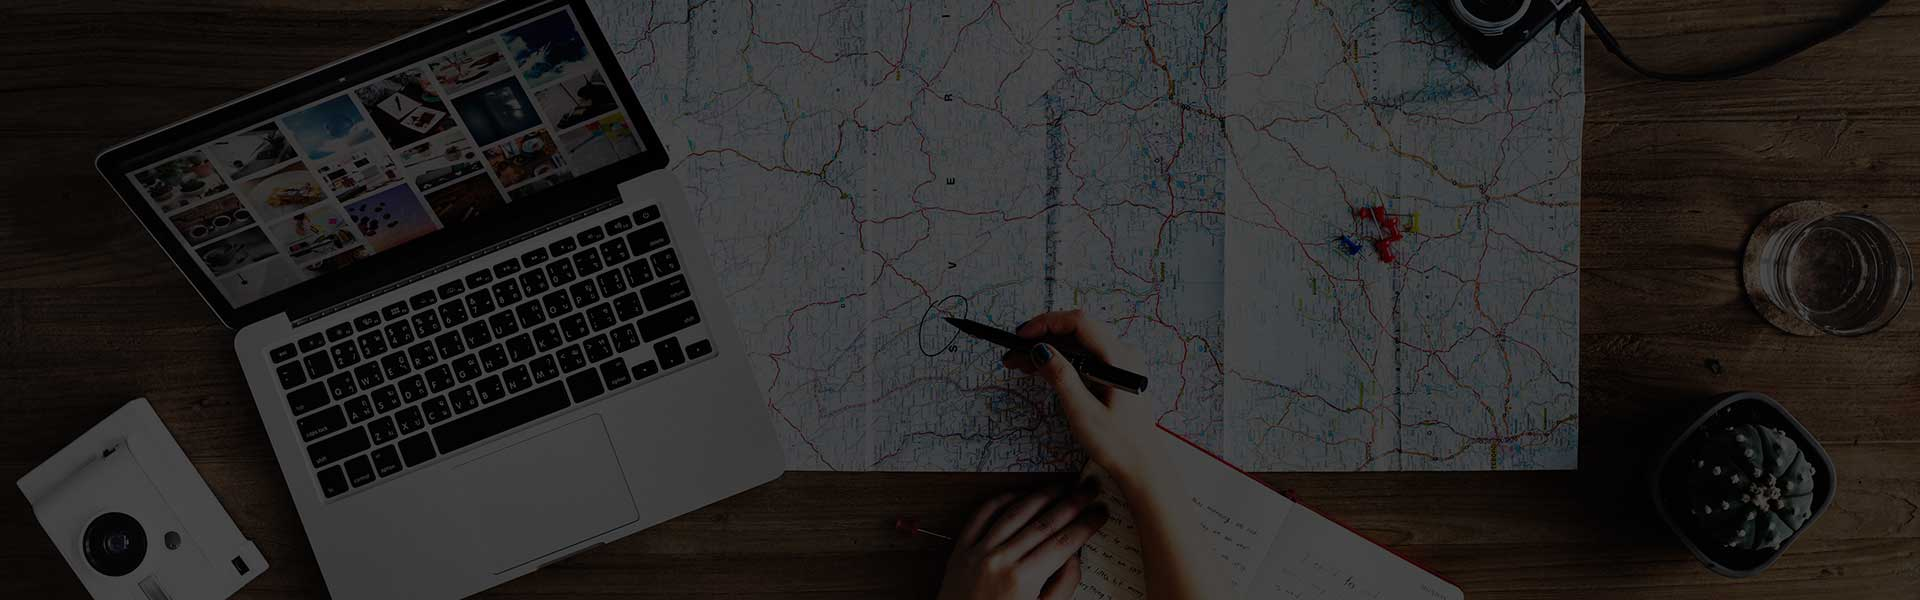 ¿Cómo funciona un catálogo interactivo?